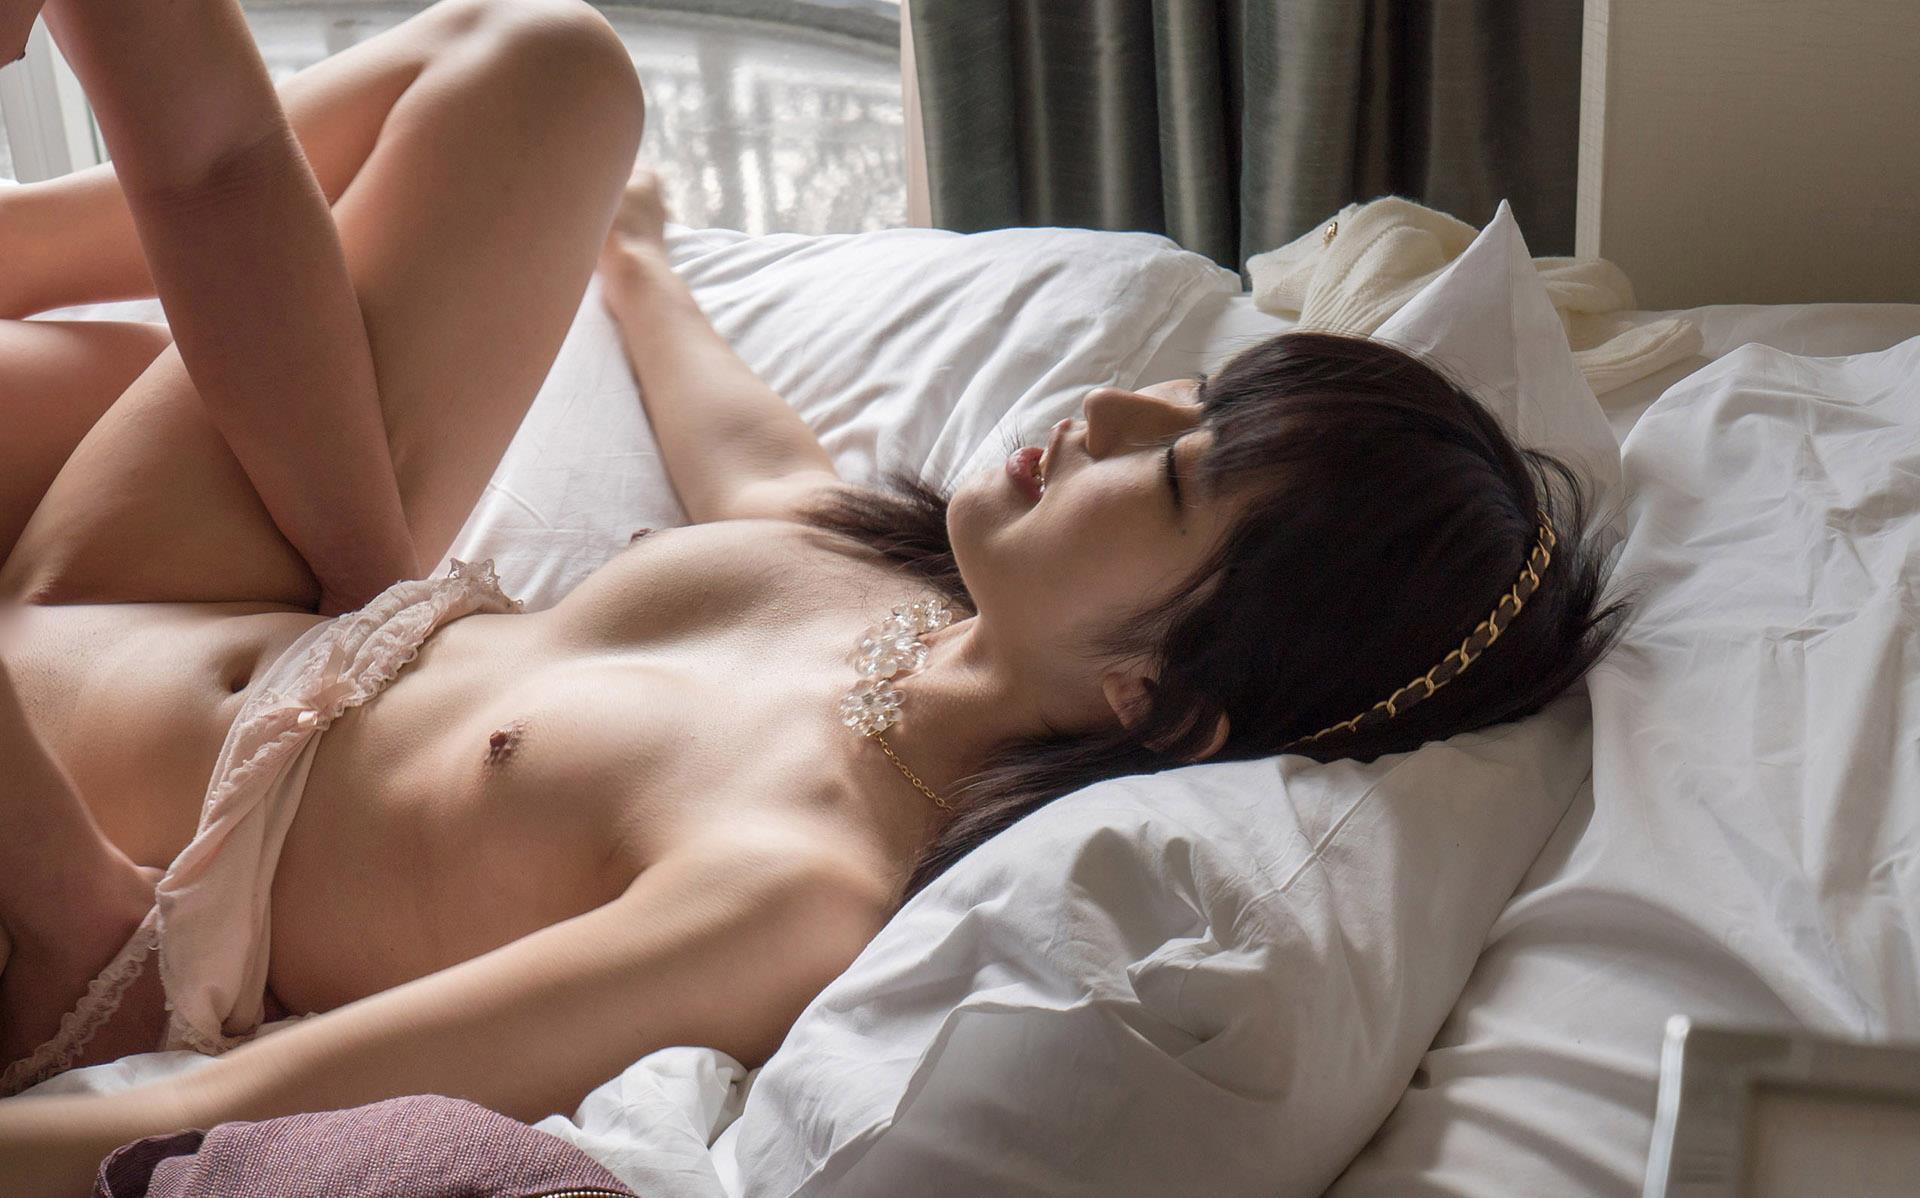 若月まりあ(星まりあ) セックス画像 119